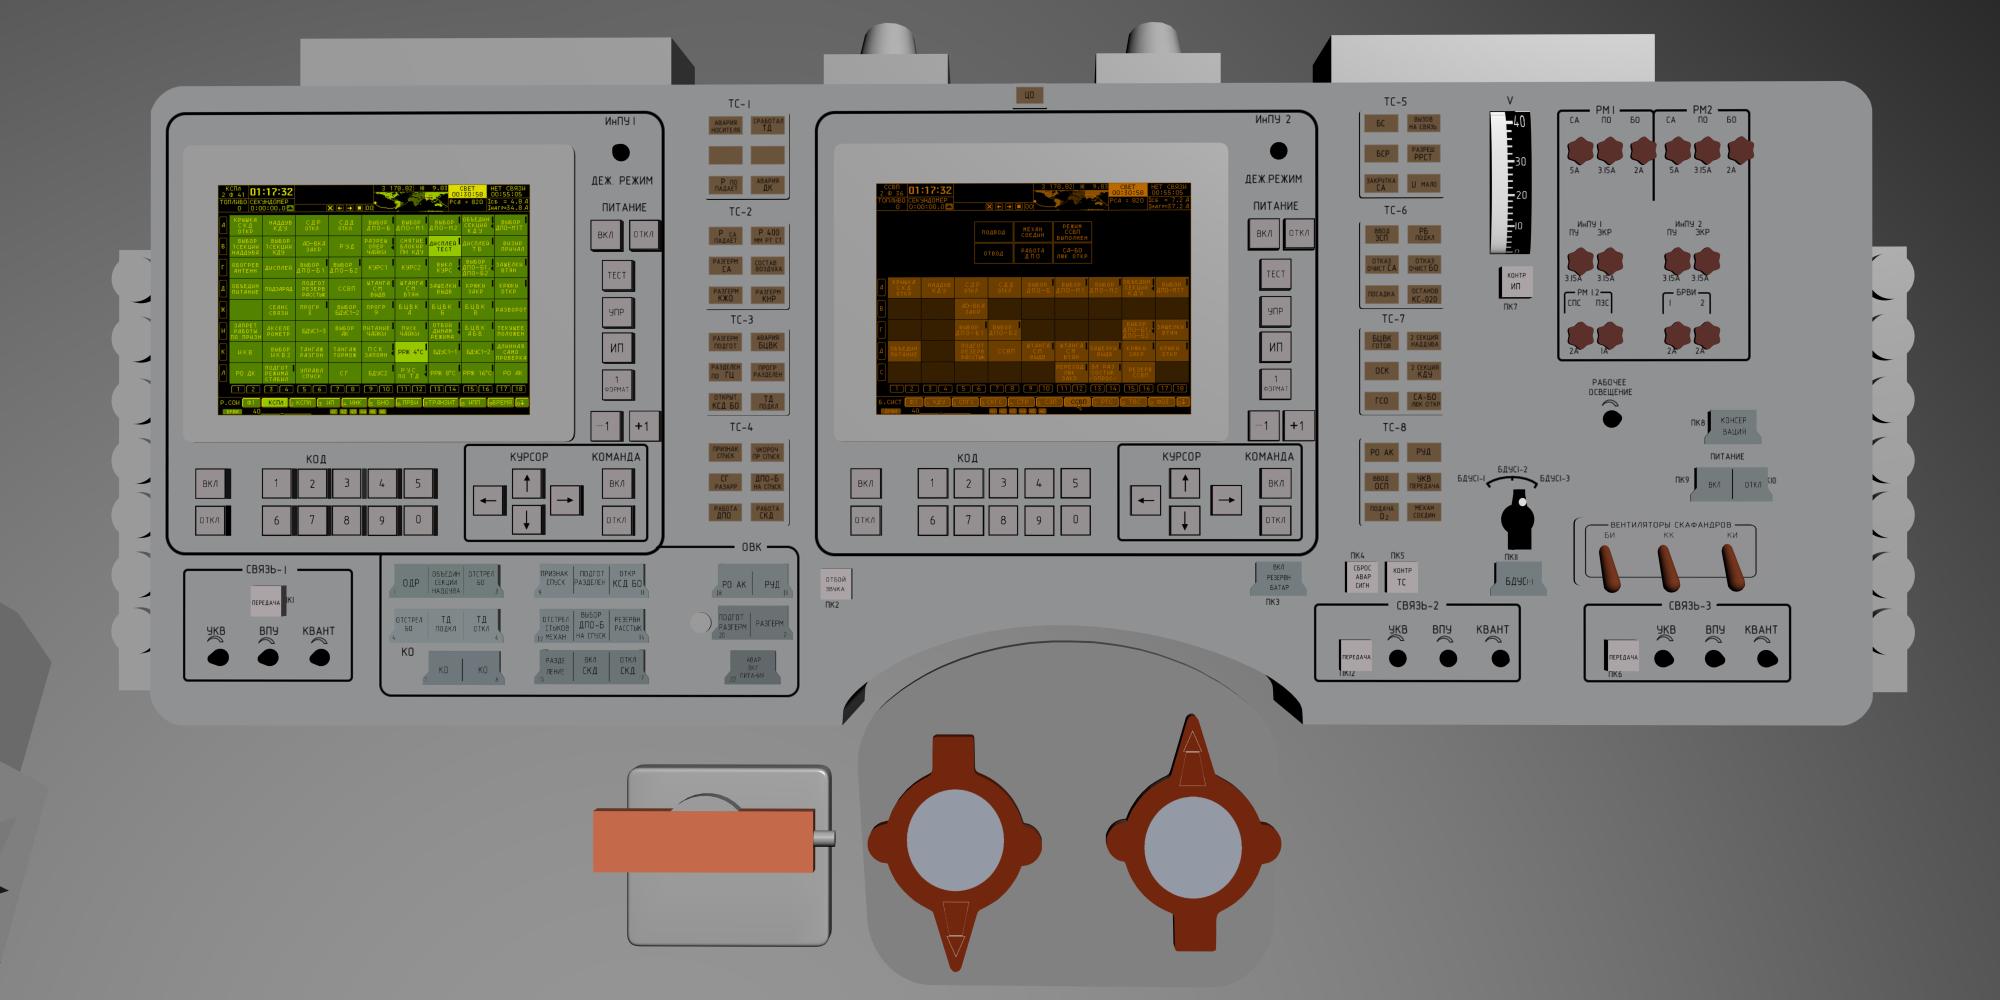 Разработка симулятора космического корабля Союз ТМА - 1